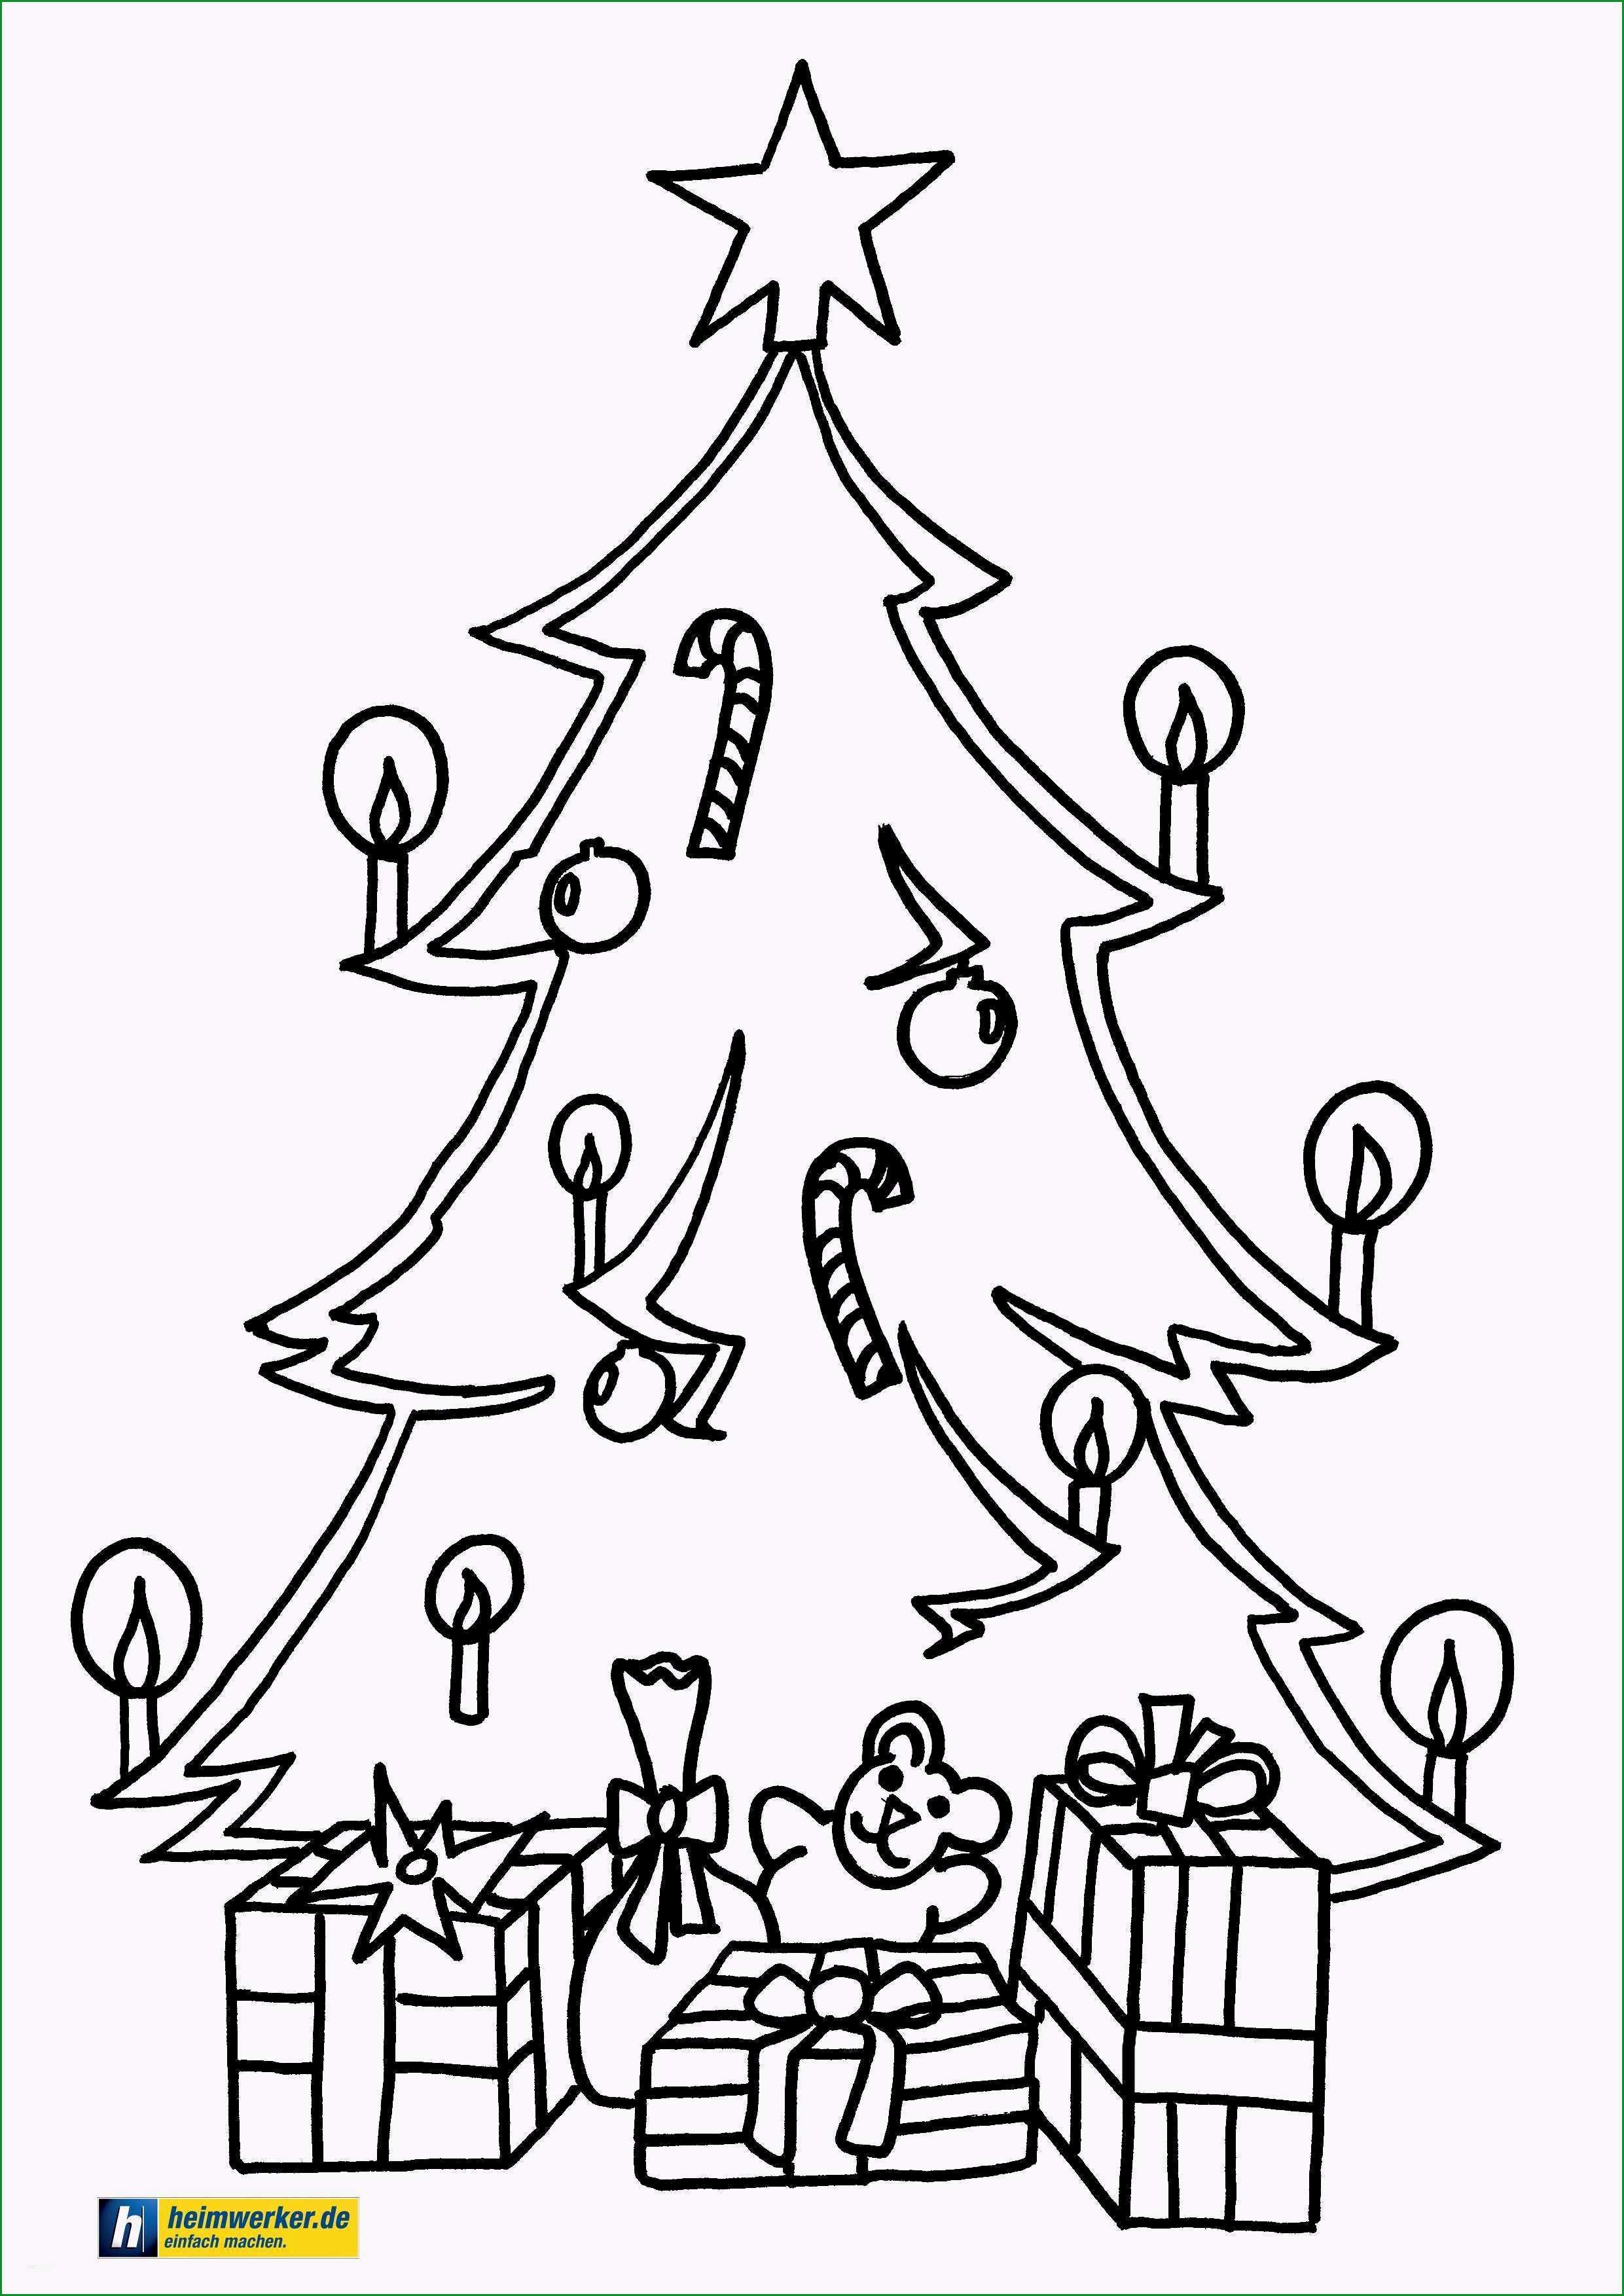 mietbescheinigung vorlage kostenlos sus weihnachtsbilder zum ausdrucken keywordtown